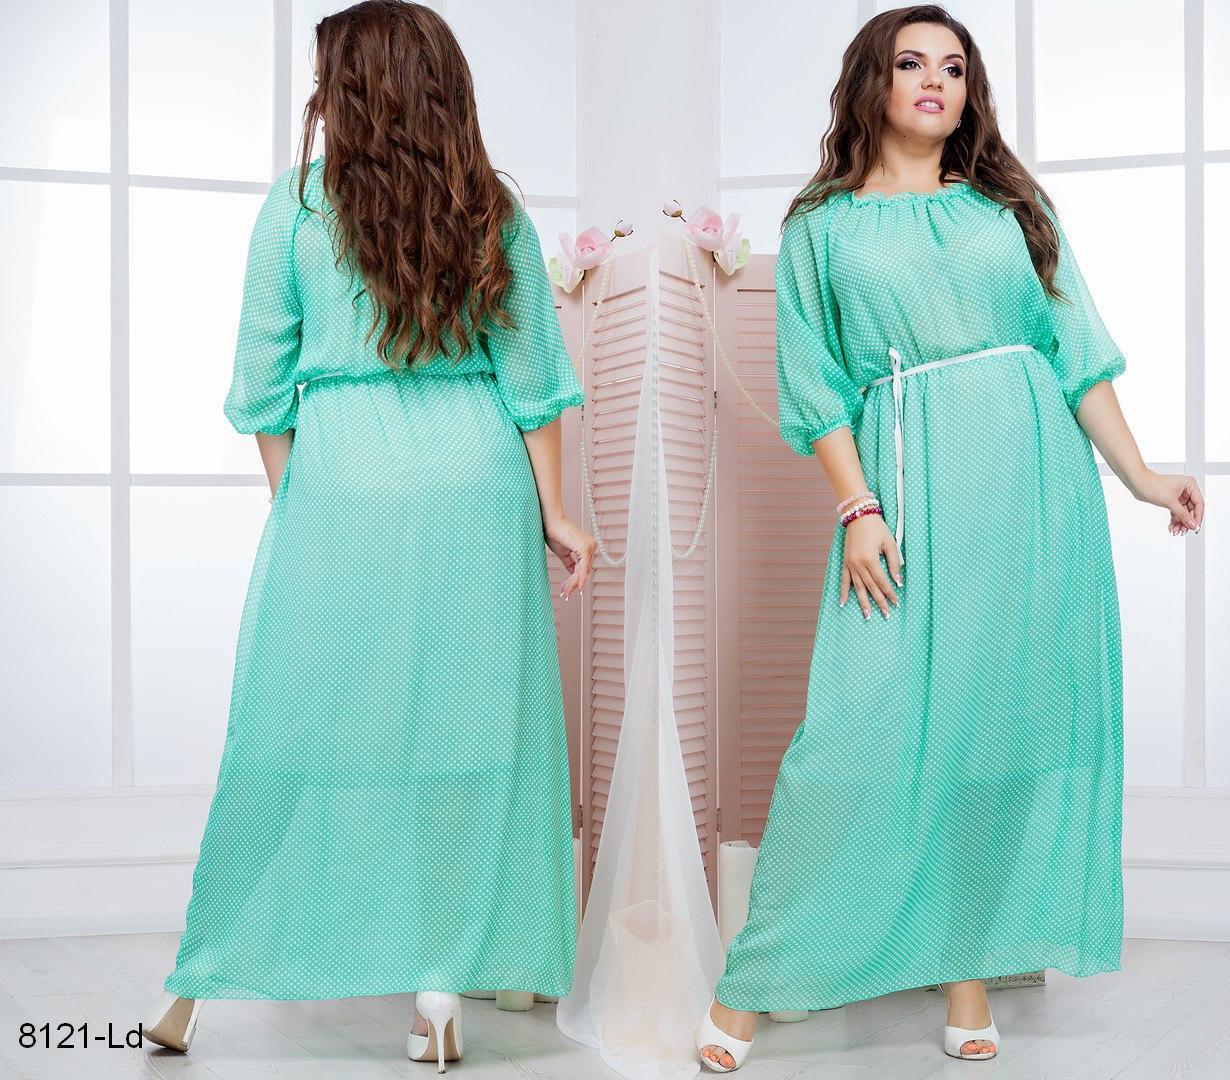 83a7dcc68fe Женское шифоновое платье длиное батал р54-60 - купить по лучшей цене ...